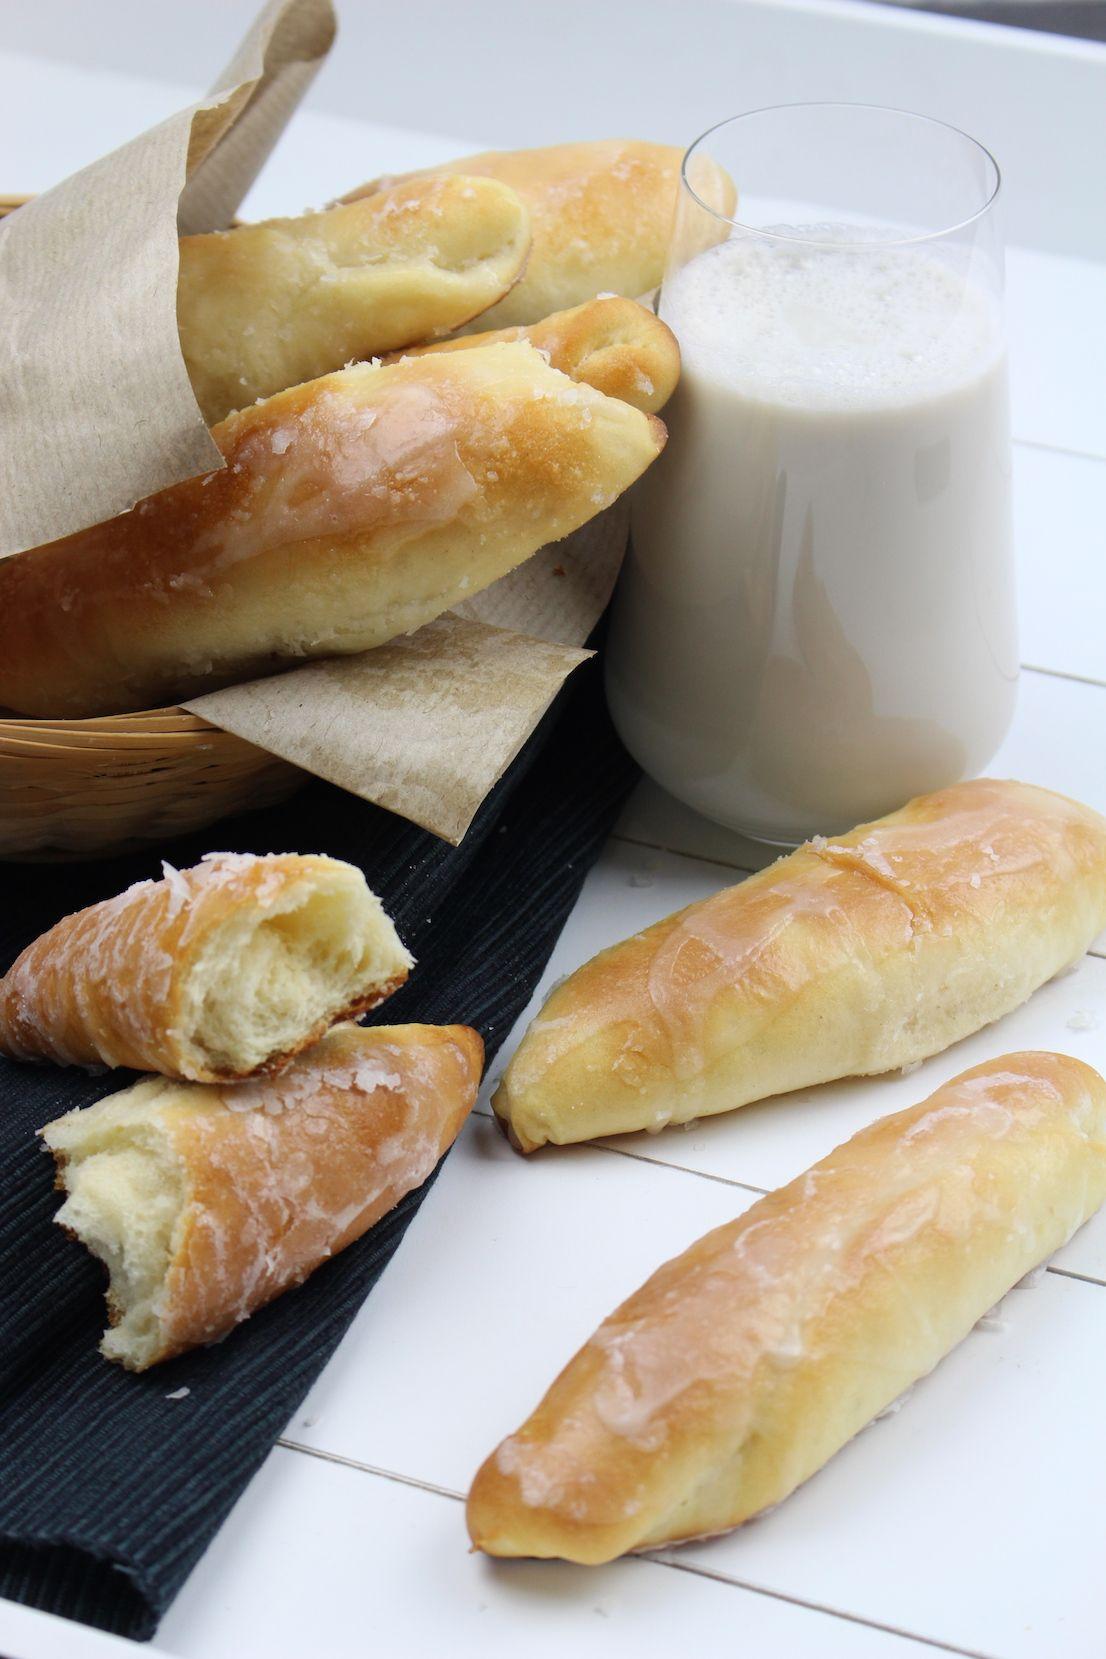 Fartons Con Glaseado De Horchata Receta Horchata Recetas De